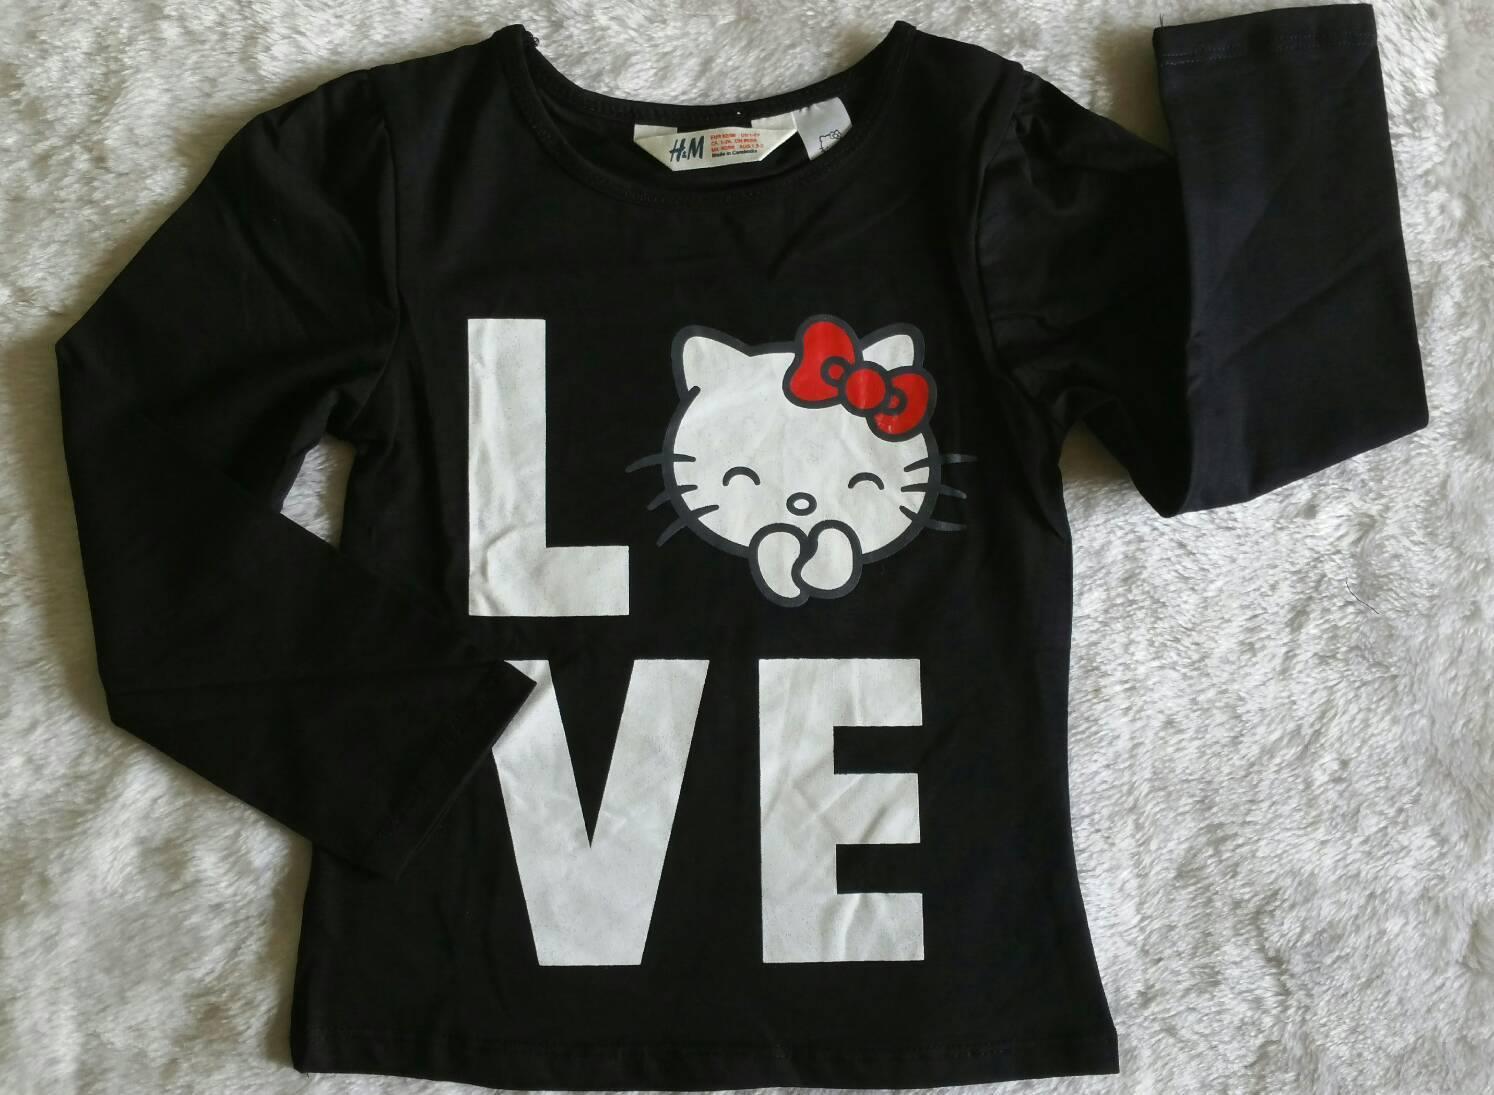 เสื้อยืดแขนยาว H&M kitty สีดำ size : 2-4y / 4-6y